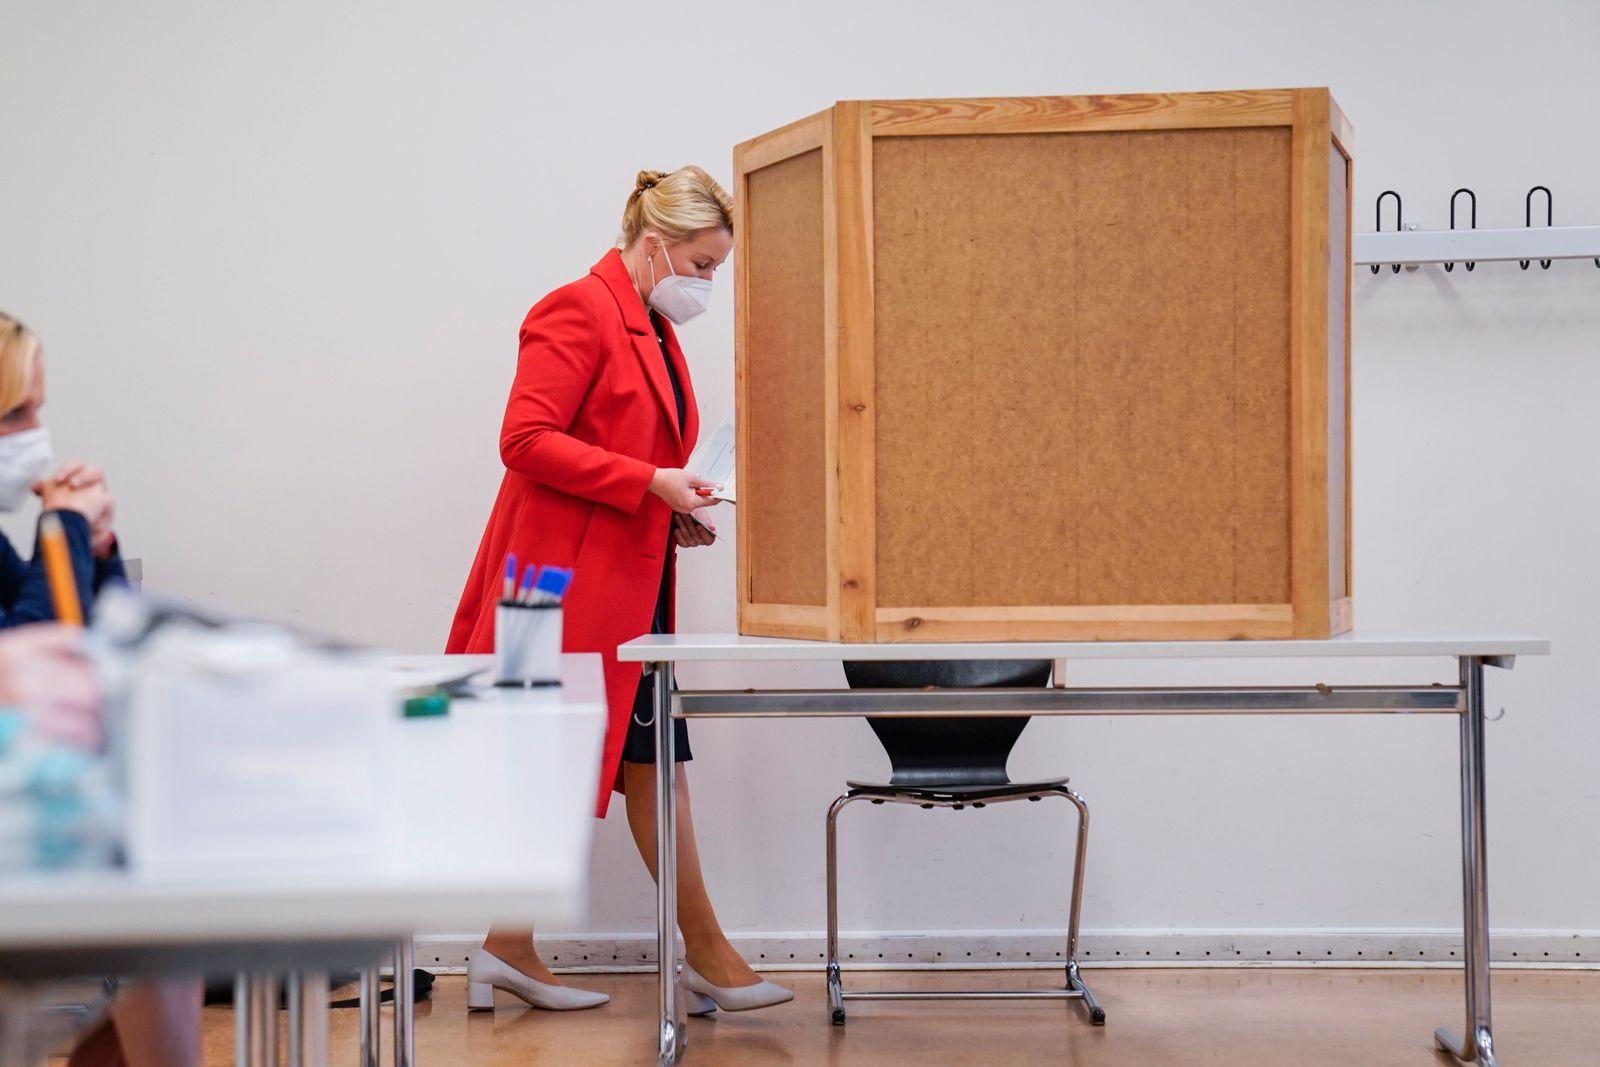 Franziska Giffey Spitzenkandidatin der SPD Berlin bei ihrer Stimmabgabe zur Abgeordnetenhauswahl